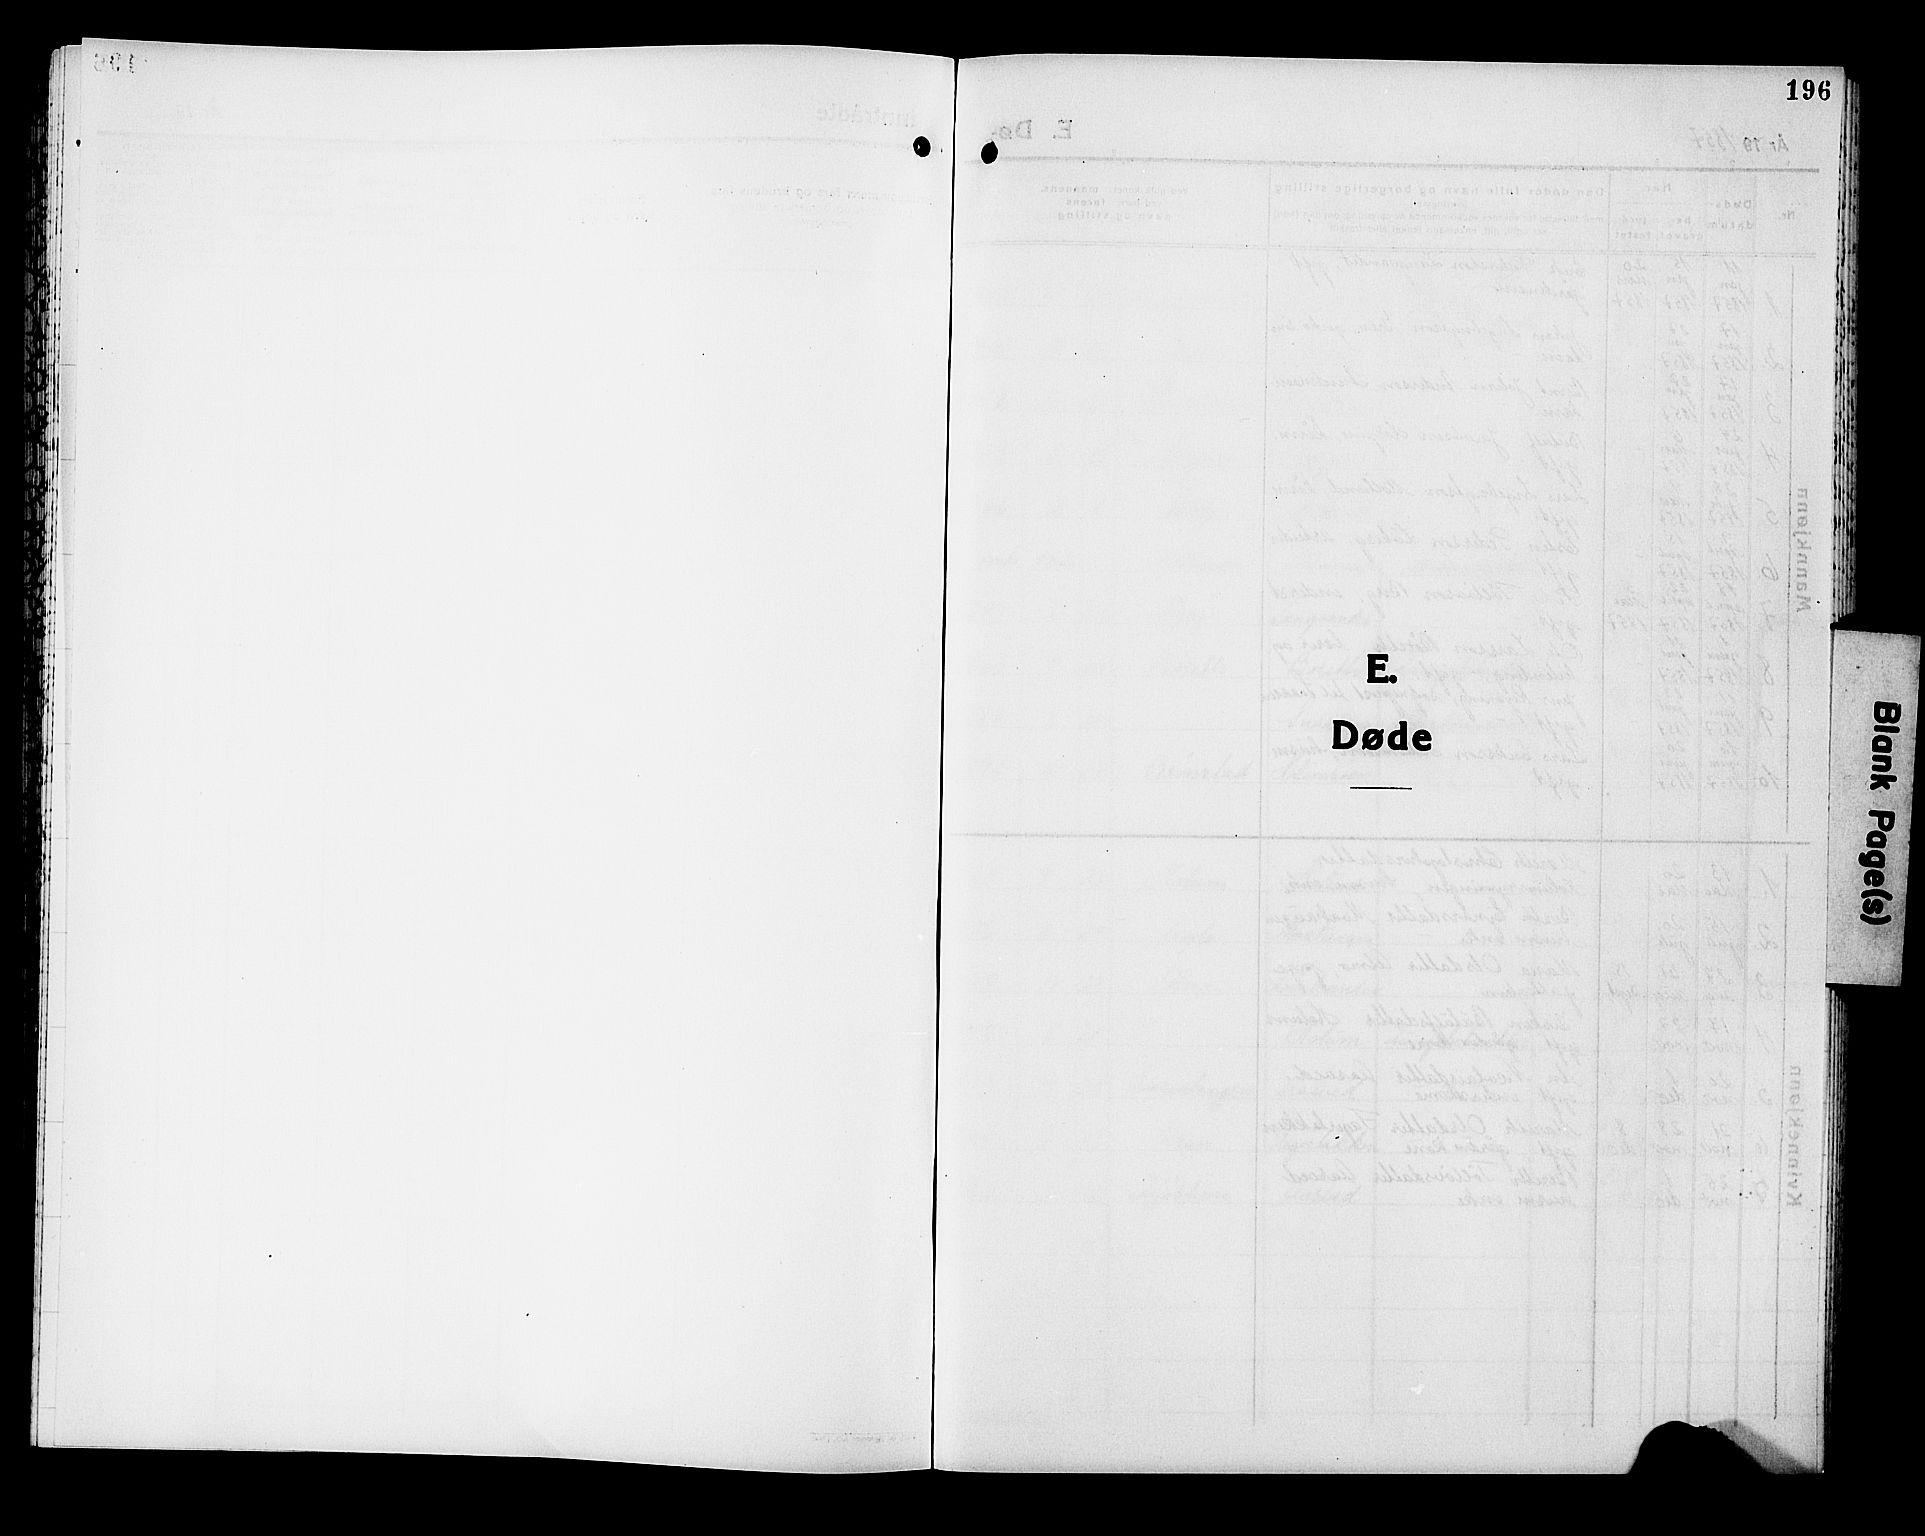 SAT, Ministerialprotokoller, klokkerbøker og fødselsregistre - Nord-Trøndelag, 749/L0485: Ministerialbok nr. 749D01, 1857-1872, s. 196